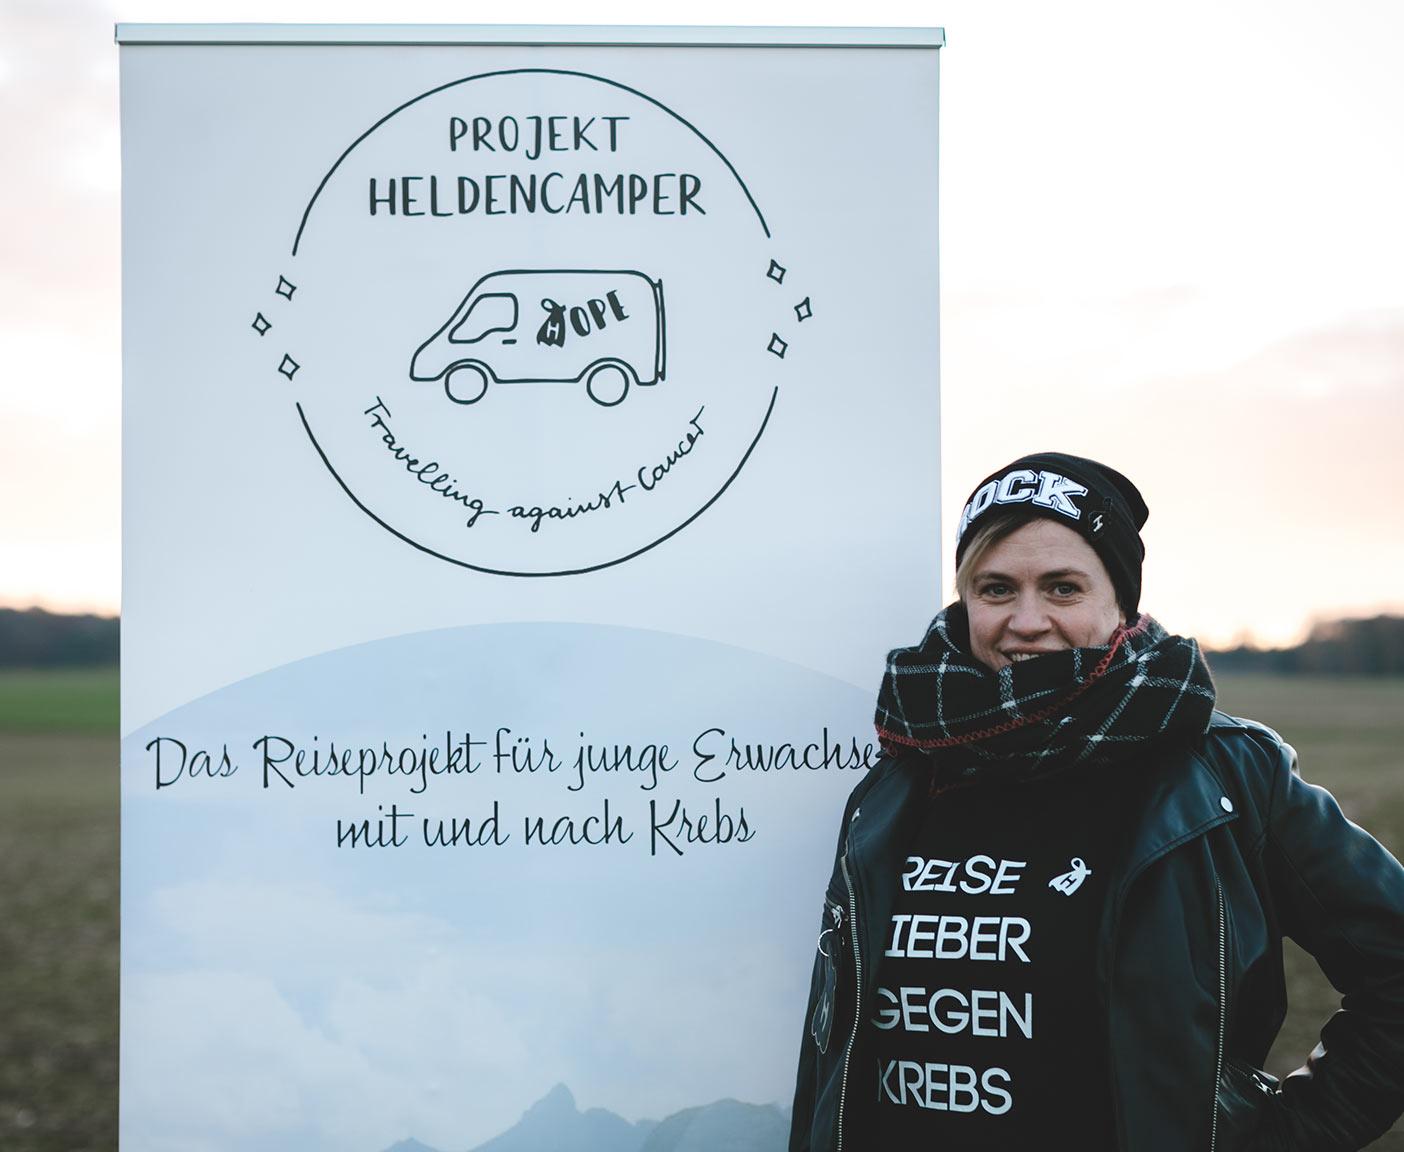 ProjektHeldencamper-krebs-vanlife-reisen-chemo-wellness-reha-sonne